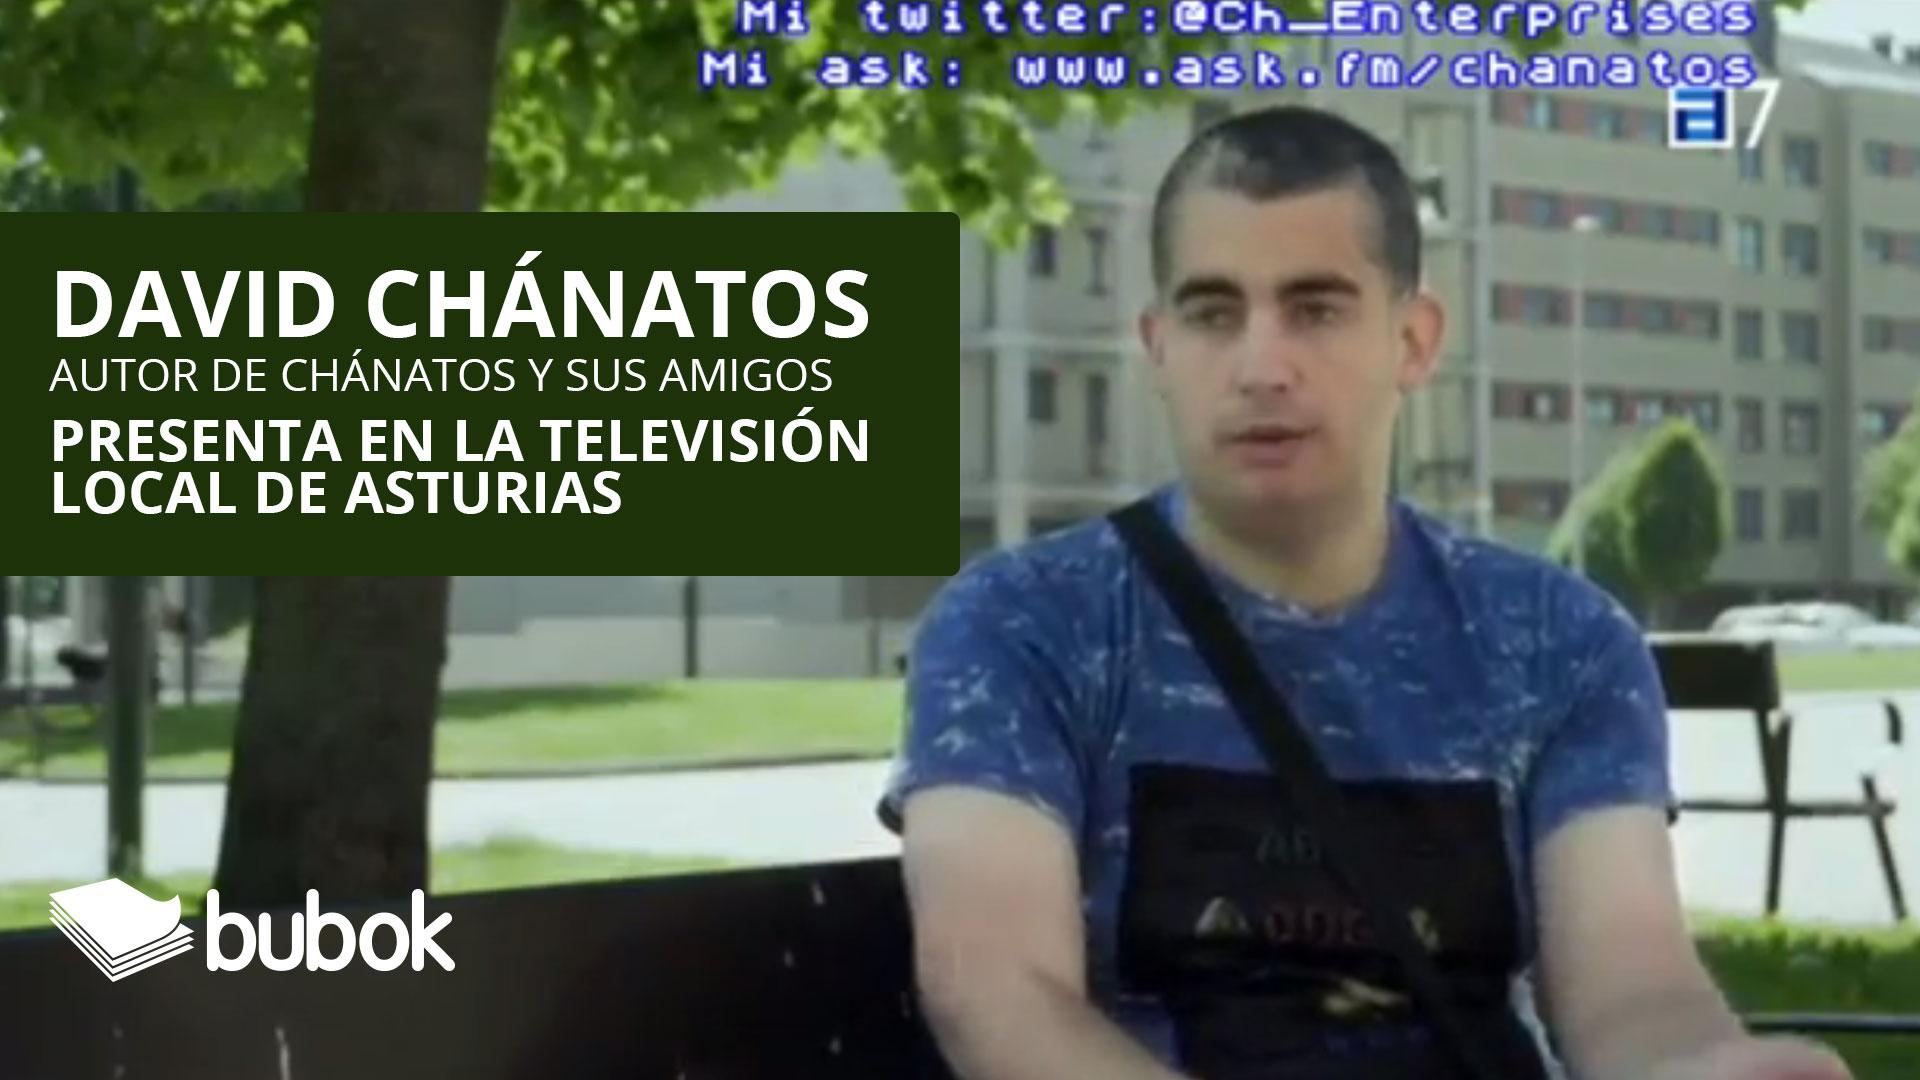 Nuestro autor David Chánatos presenta en la televisión local de Asturias